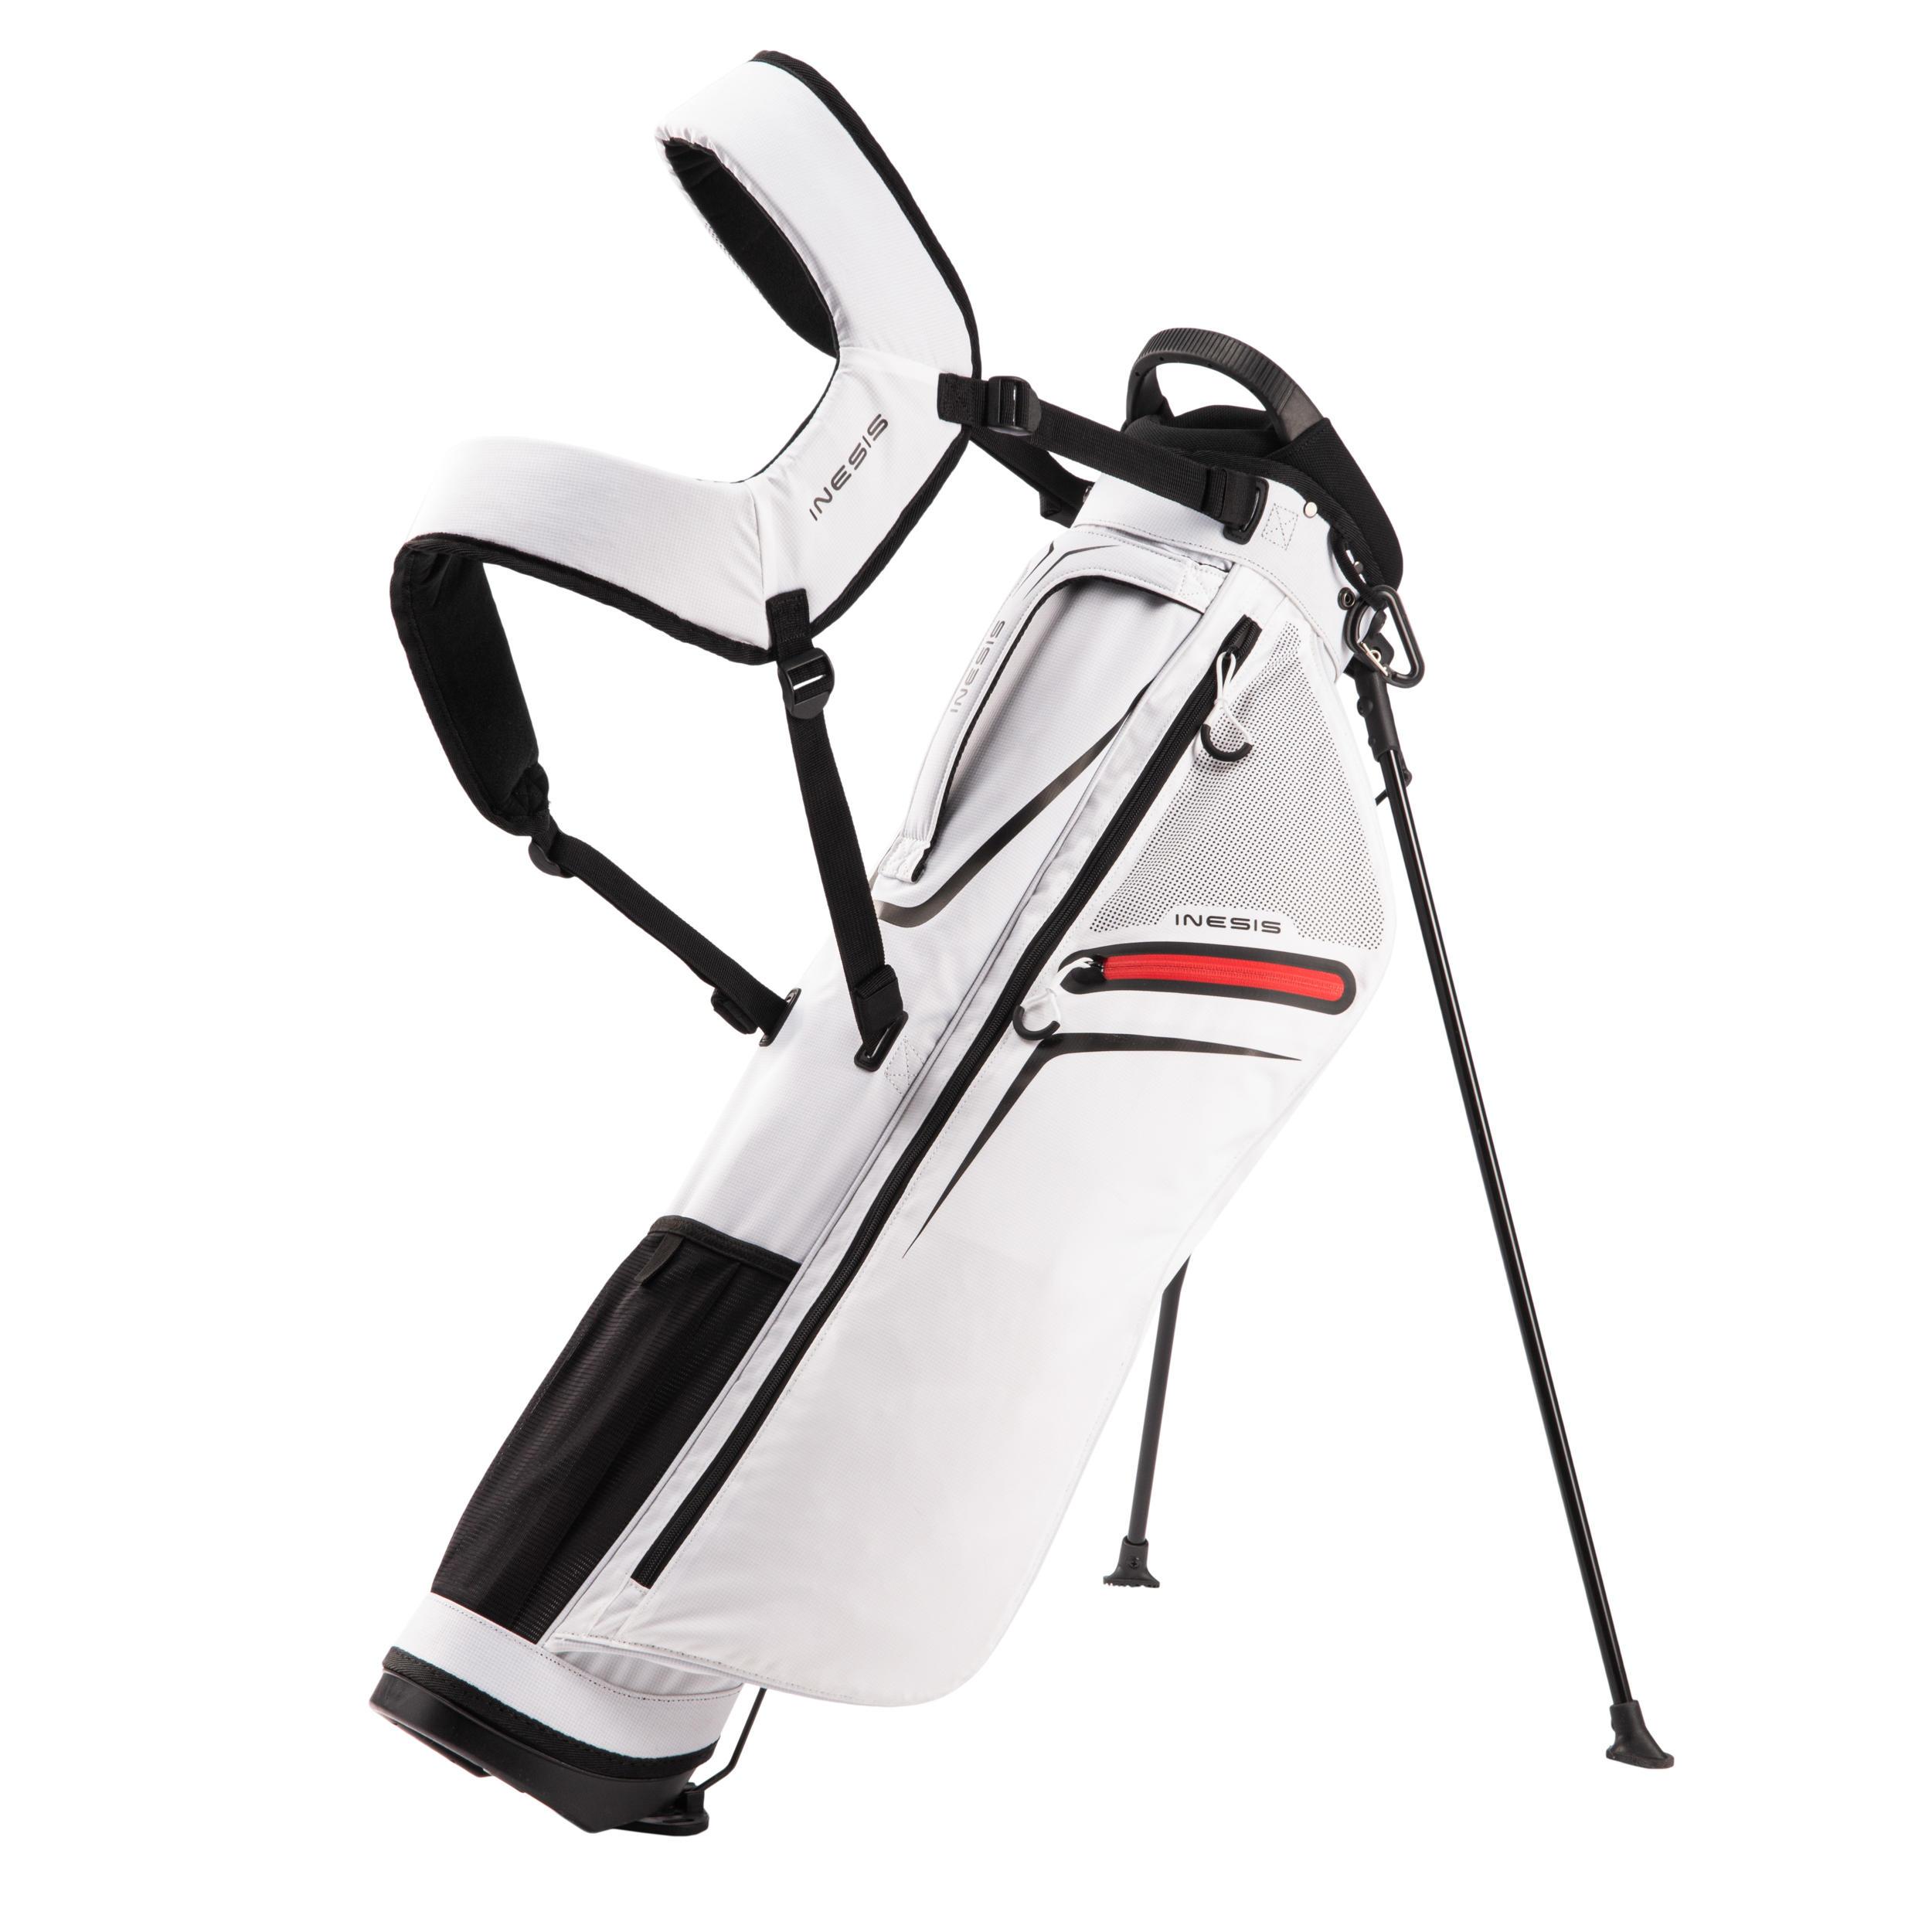 Geantă Trepied Golf ULTRALIGHT imagine